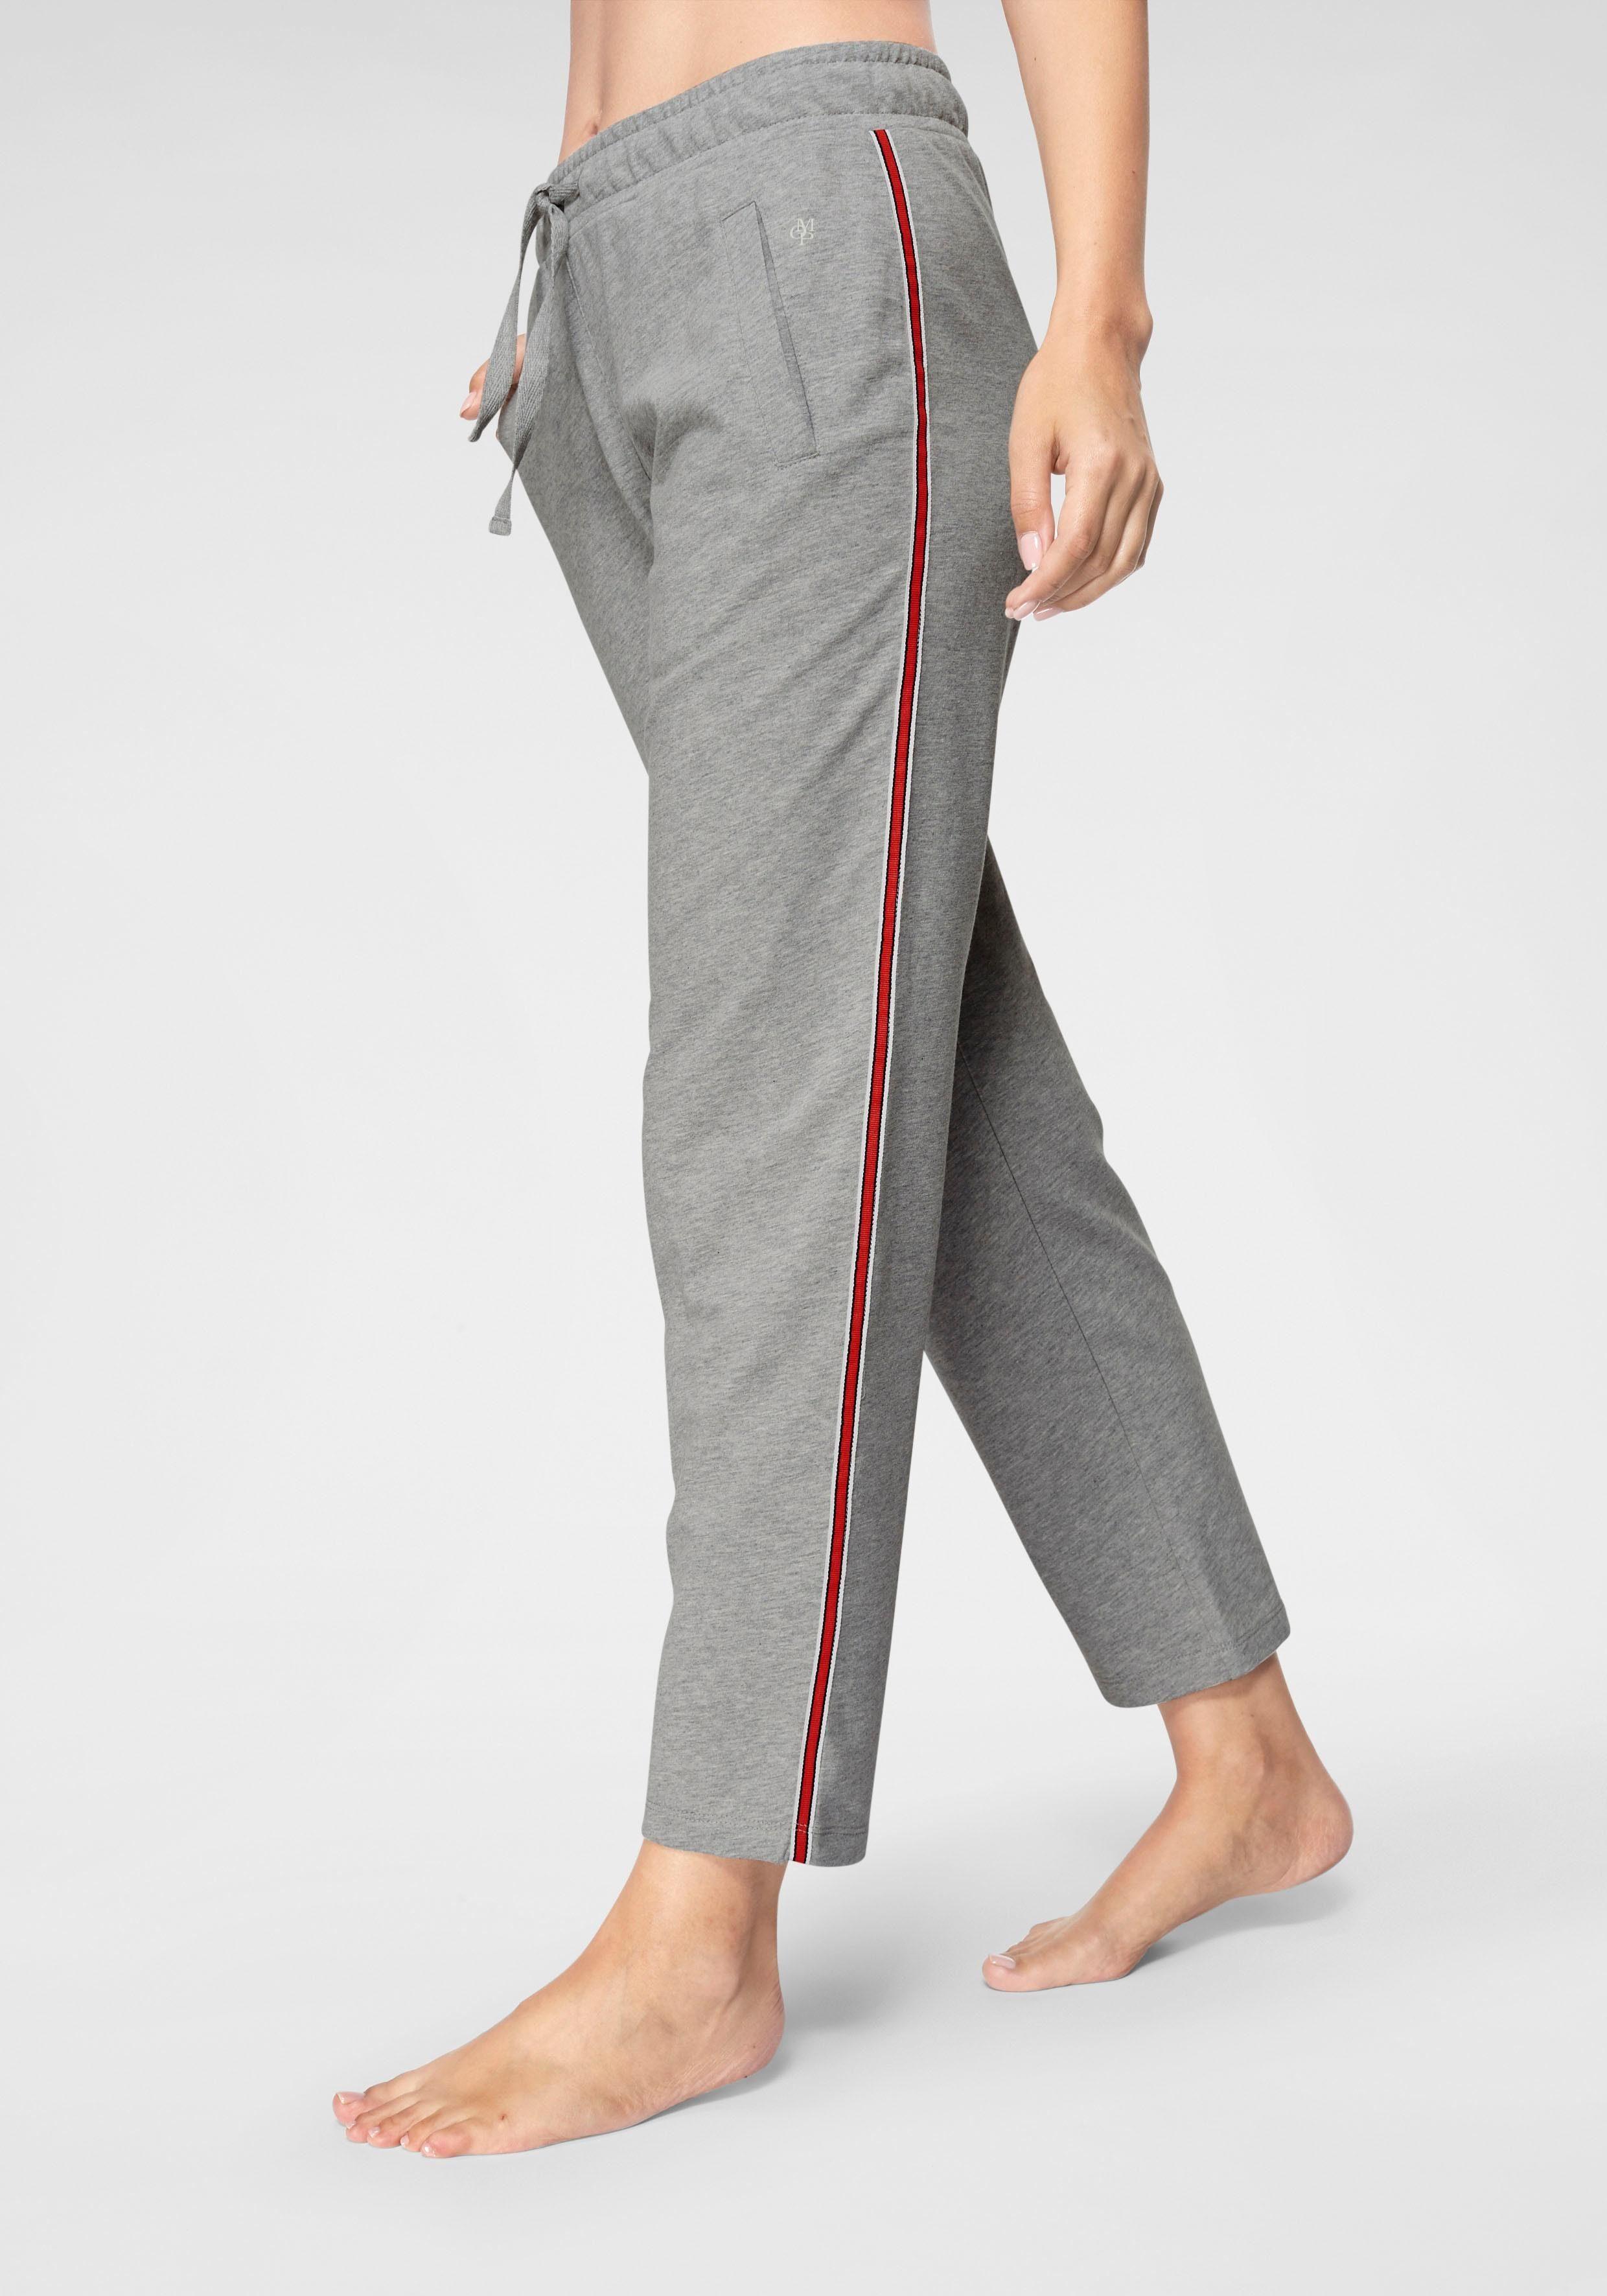 Marc O'Polo Schlafhose mit seitlichem Tapestreifen